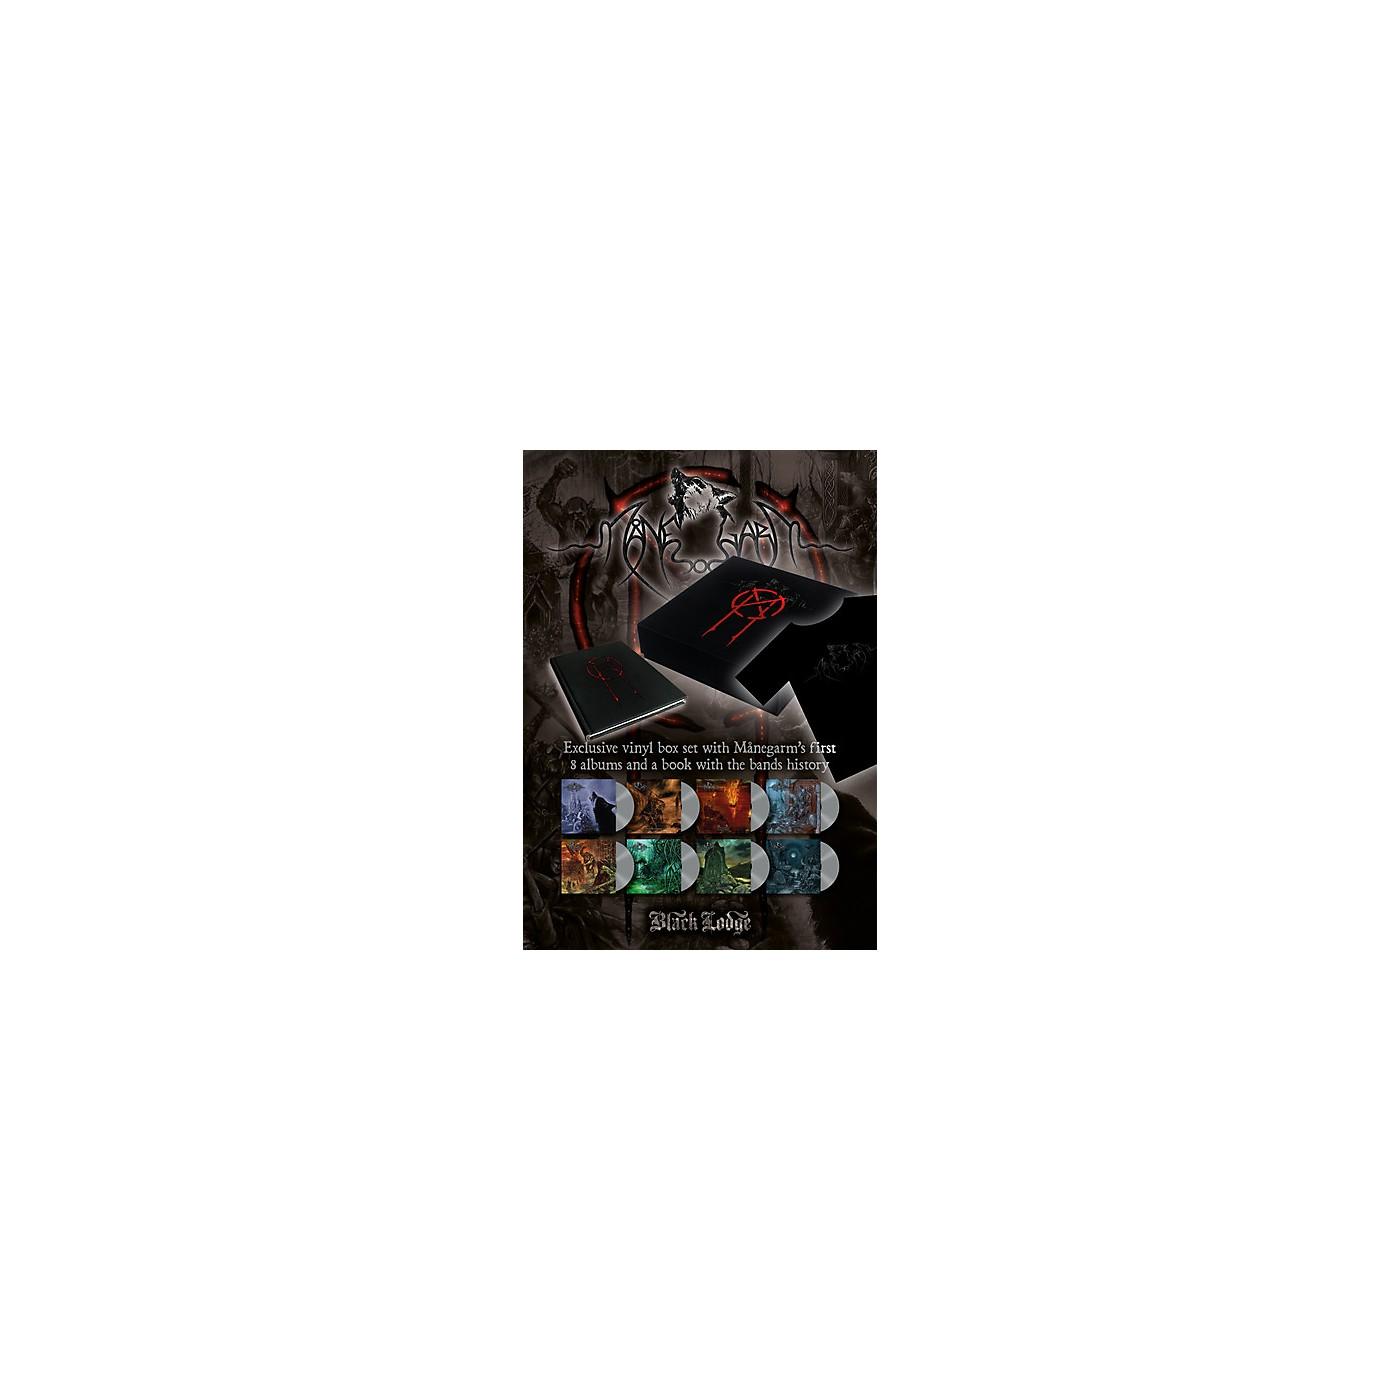 Alliance Månegarm - 8LP Boxset + Book + T-Shirt (2XL) thumbnail